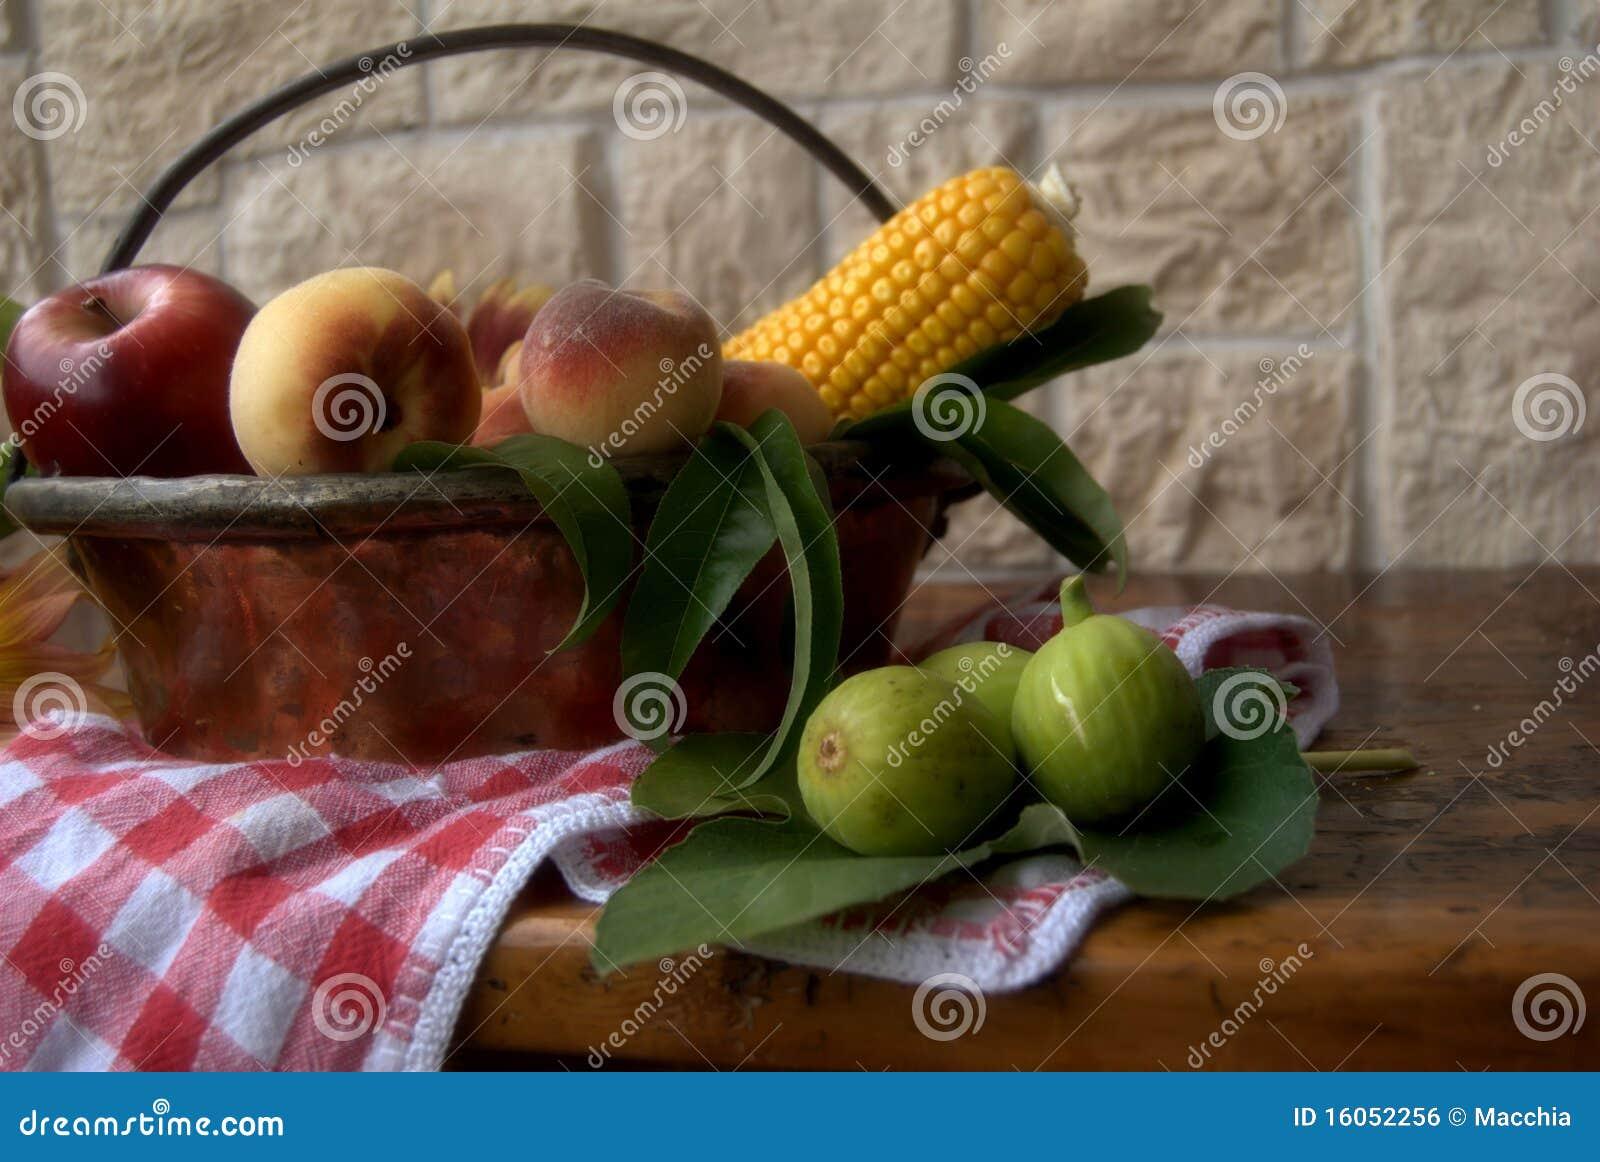 fruit in season may is corn a fruit